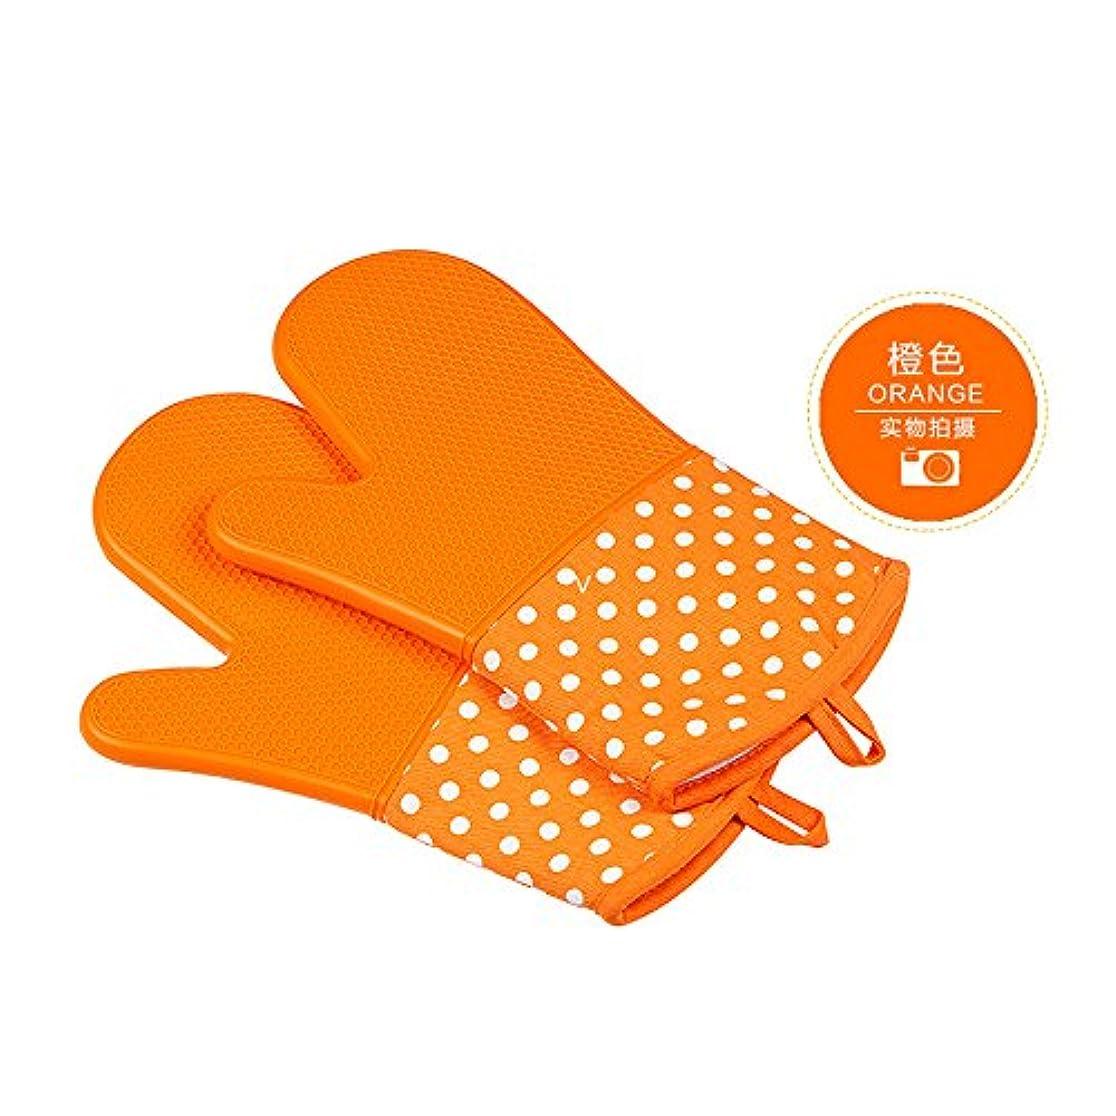 永遠に山エンターテインメントJOOP【2個セット】【シリコンベーキング手袋】【バーベキュー手袋】【キッチン電子レンジの手袋】【オーブン断熱手袋】【300の加熱温度極値】【7色】 (グリーン)